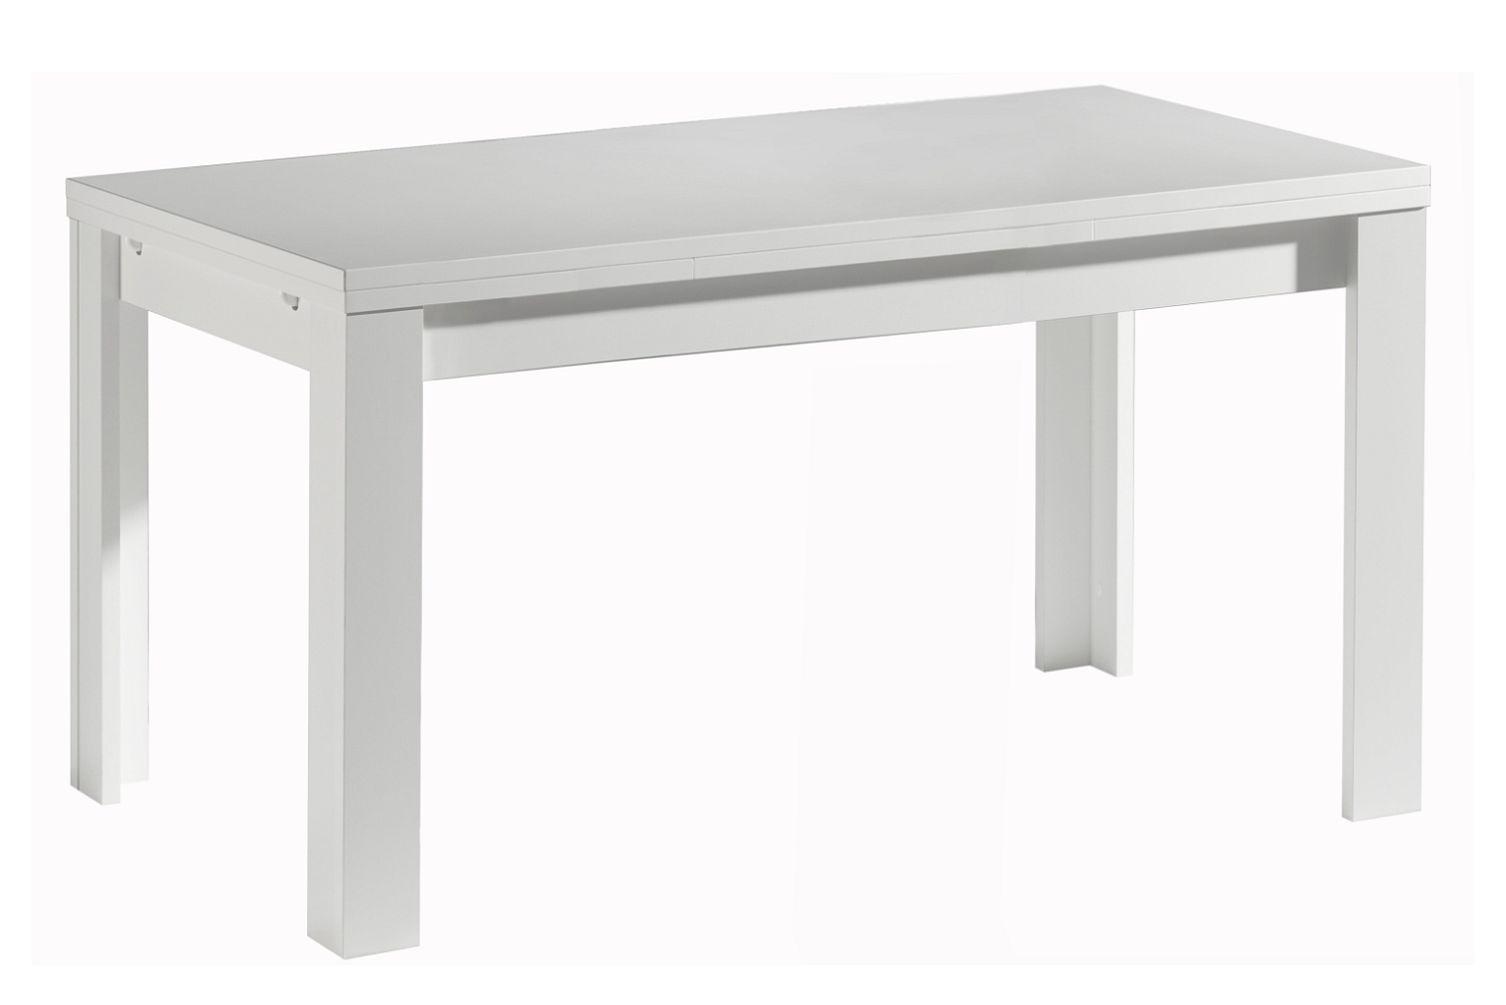 esstisch wei 80x80 trendy esstisch mit einer tischplatte aus with esstisch wei 80x80 elegant. Black Bedroom Furniture Sets. Home Design Ideas